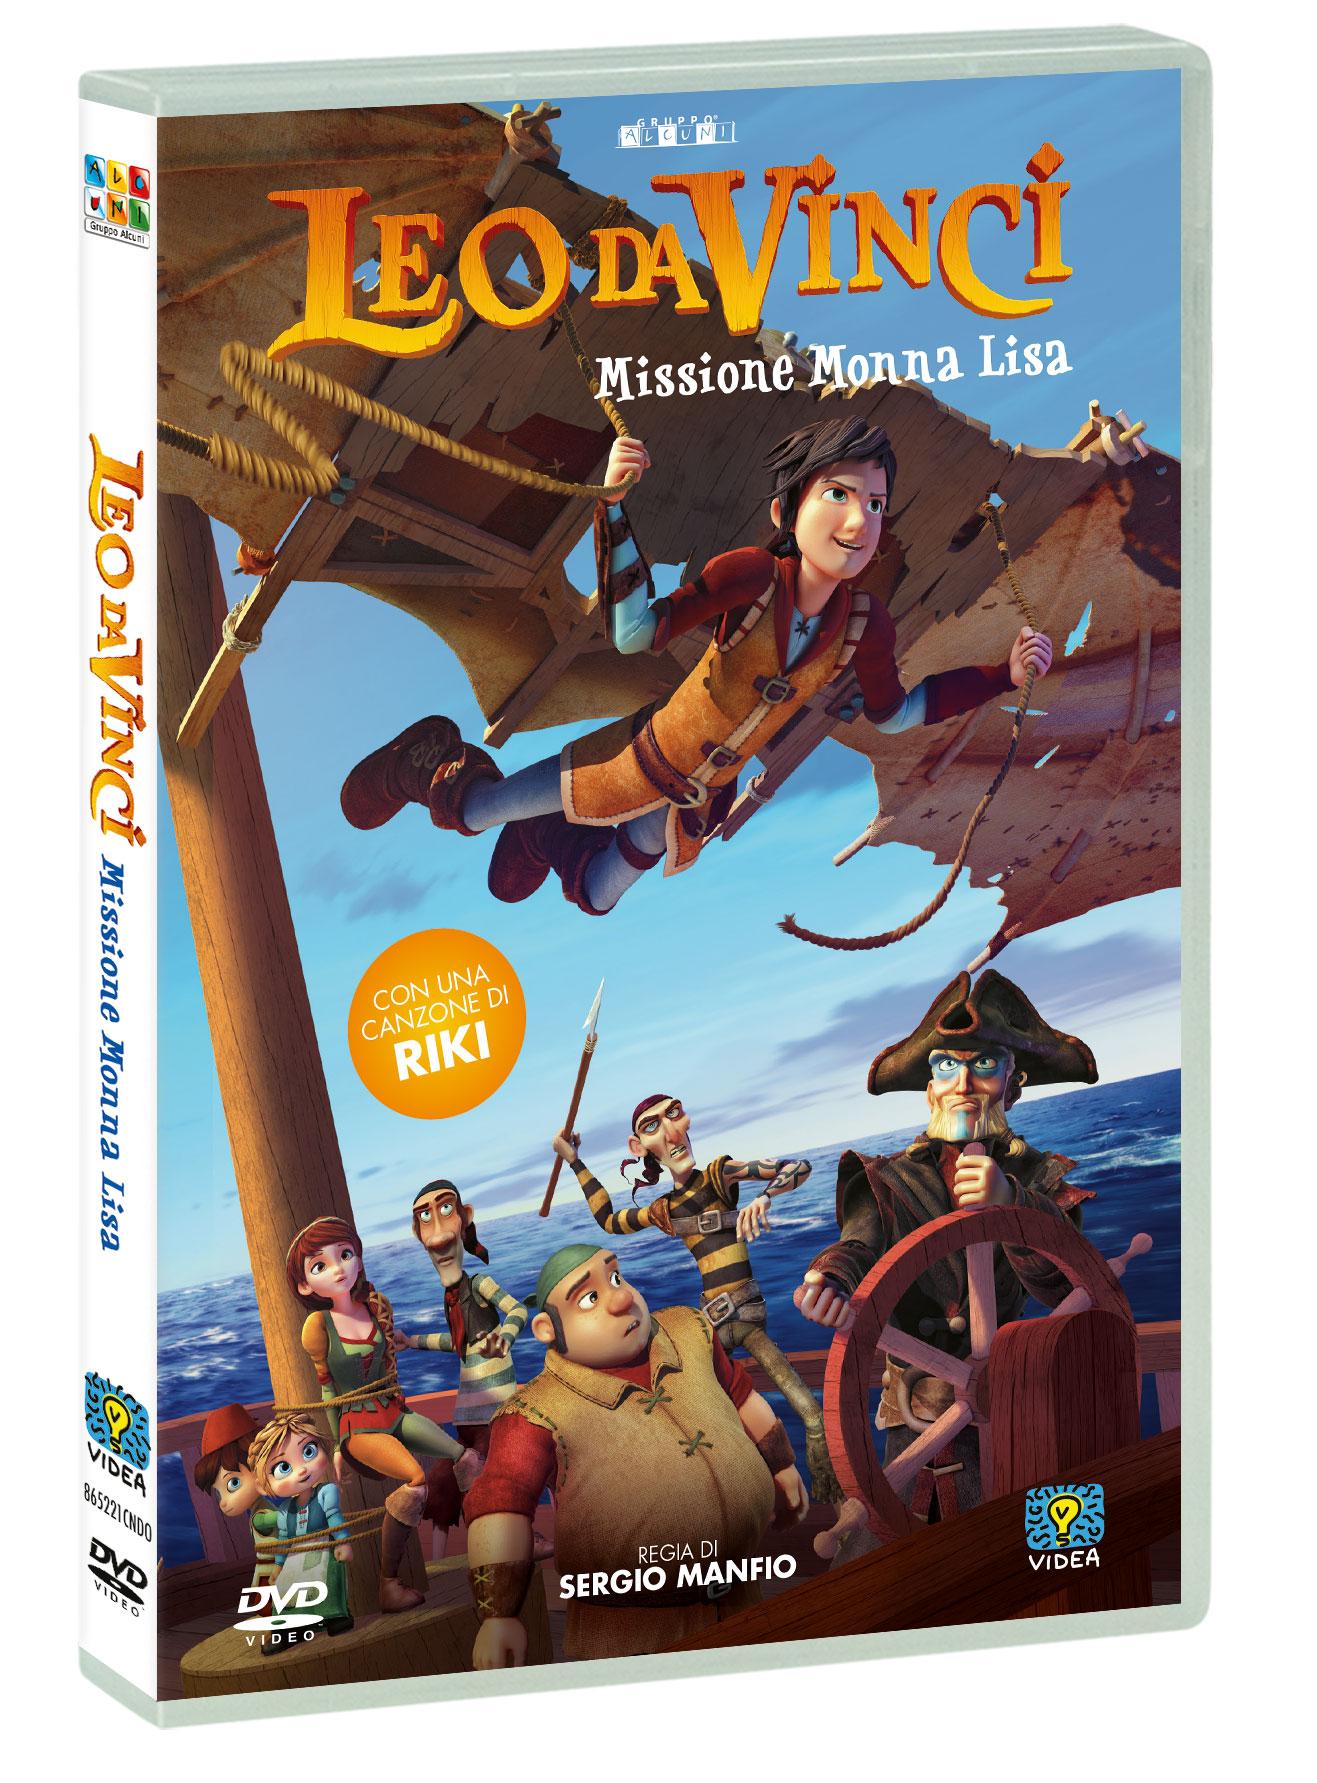 LEO DA VINCI - MISSIONE MONNA LISA (DVD)